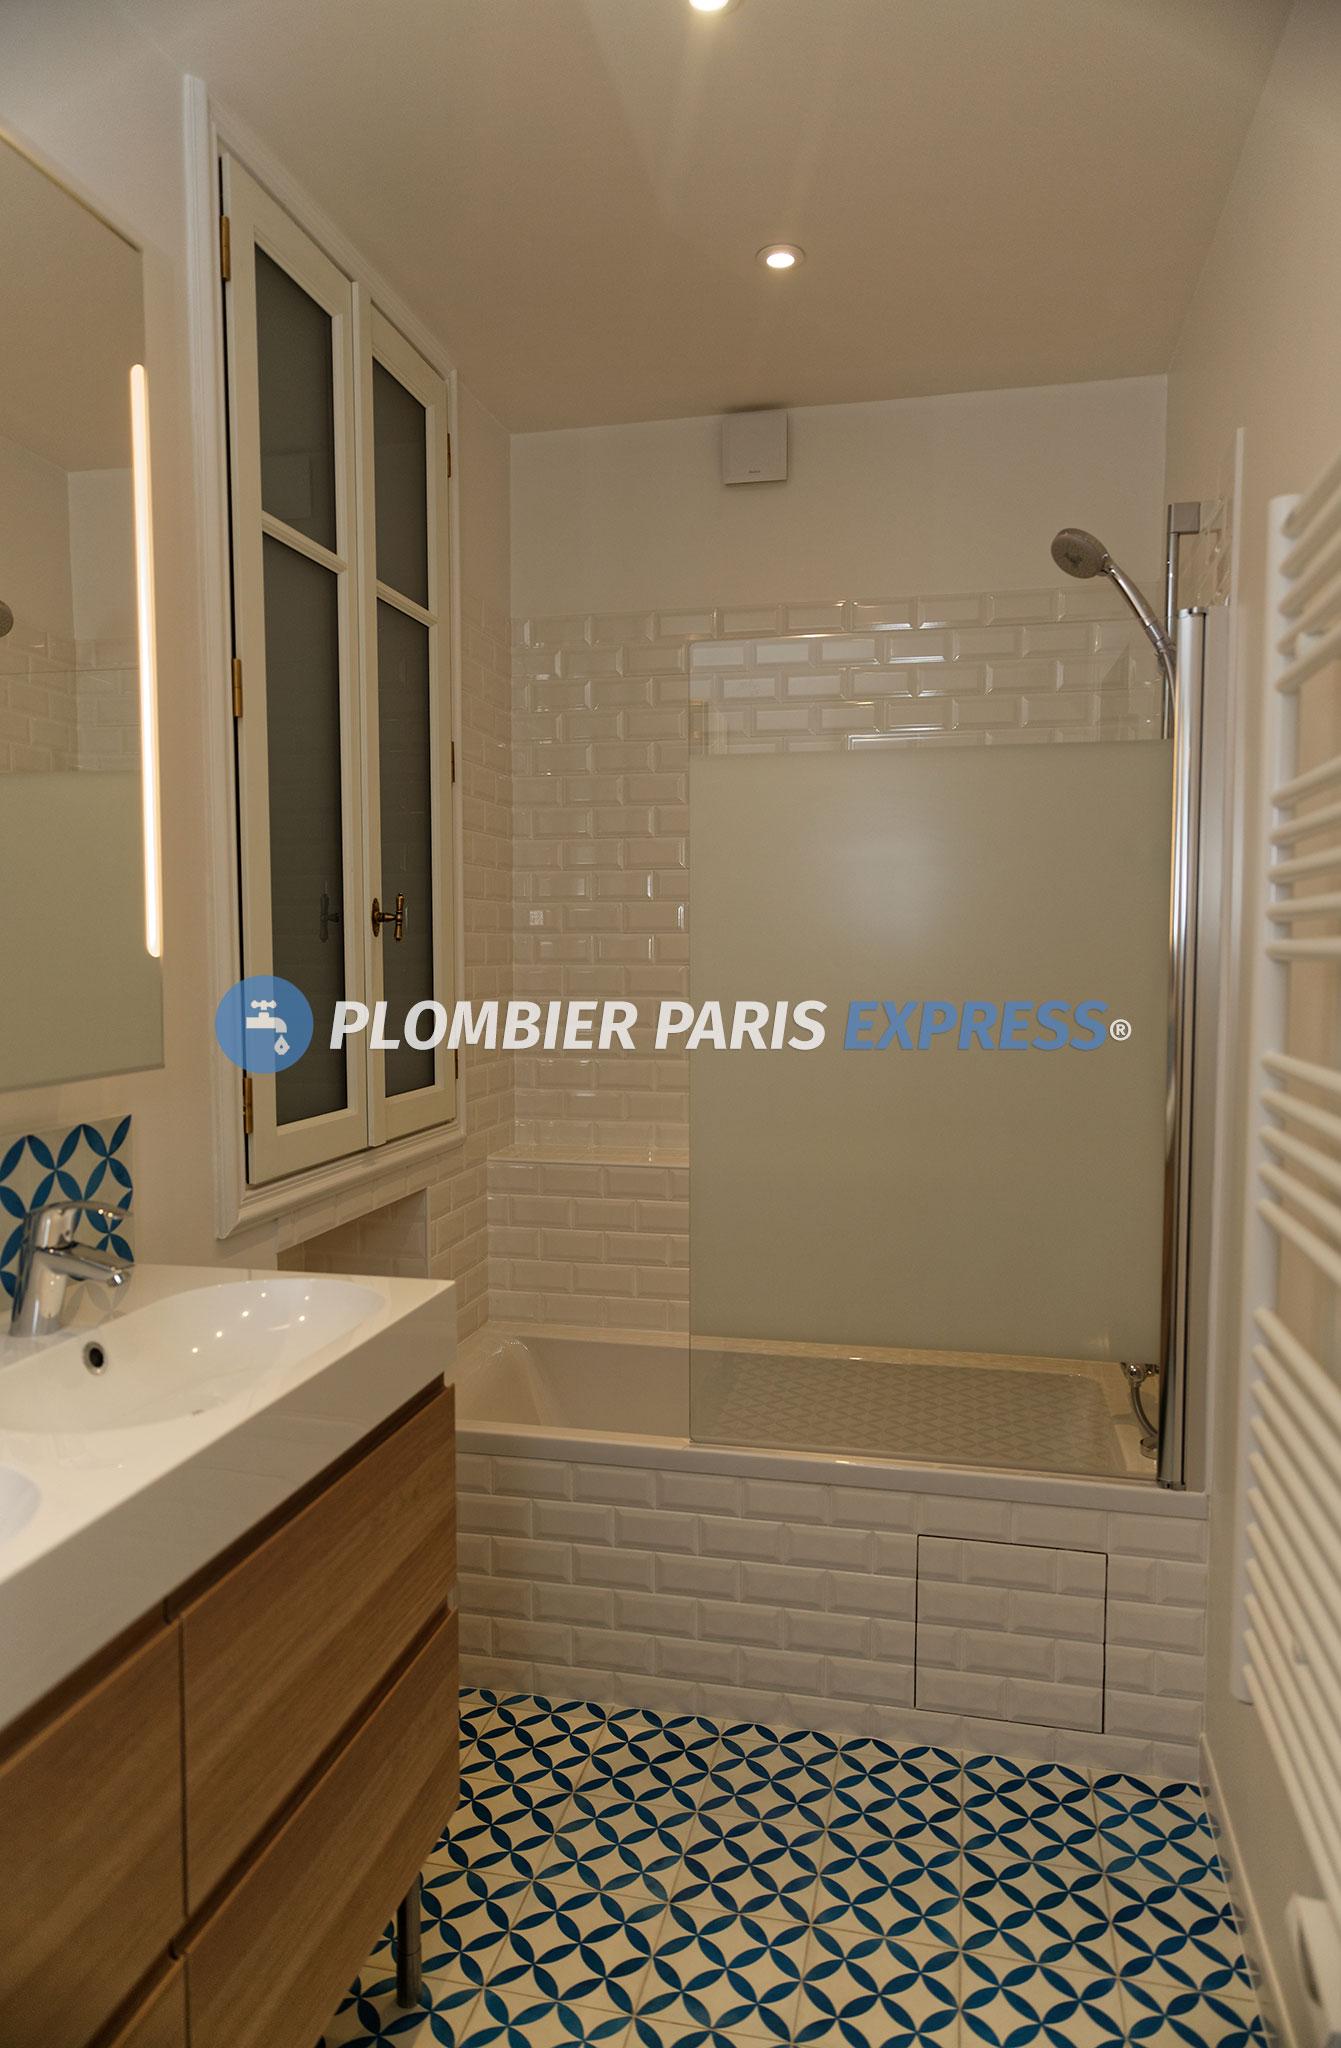 Plomberie Salle De Bain Sous Sol rénovation salle de bain paris | plombier paris express